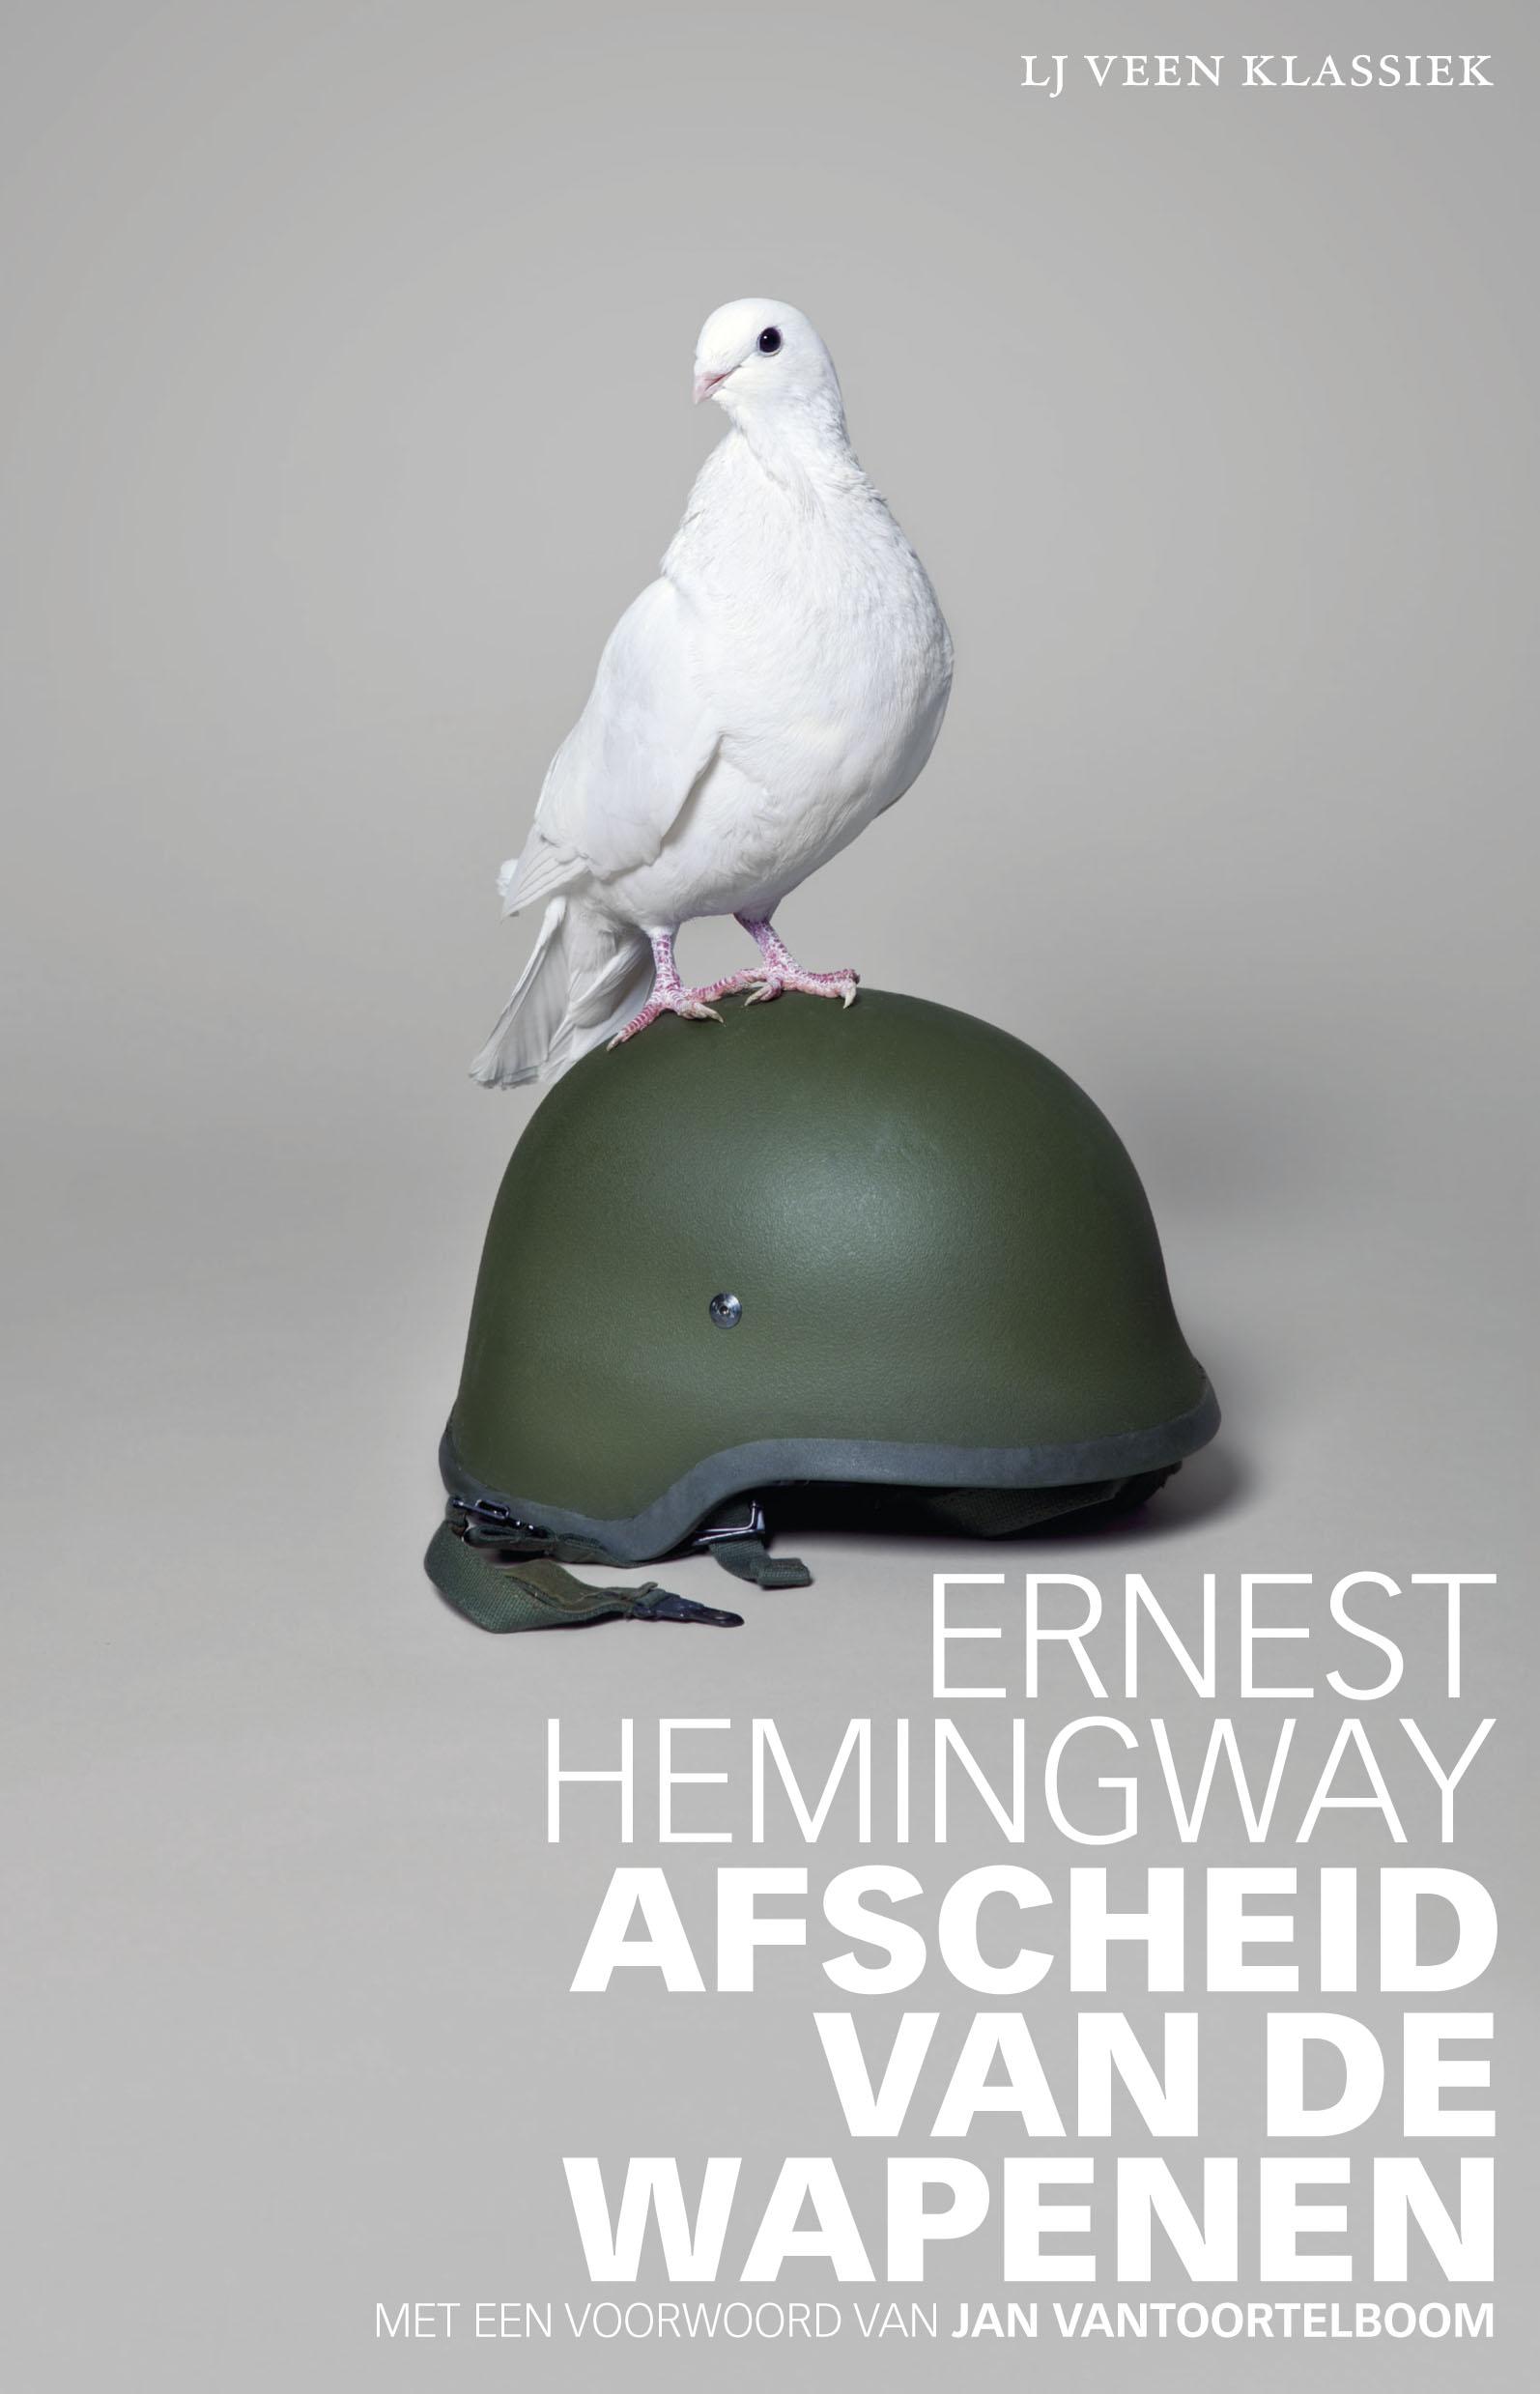 Hemingway, Afscheid van de wapenen